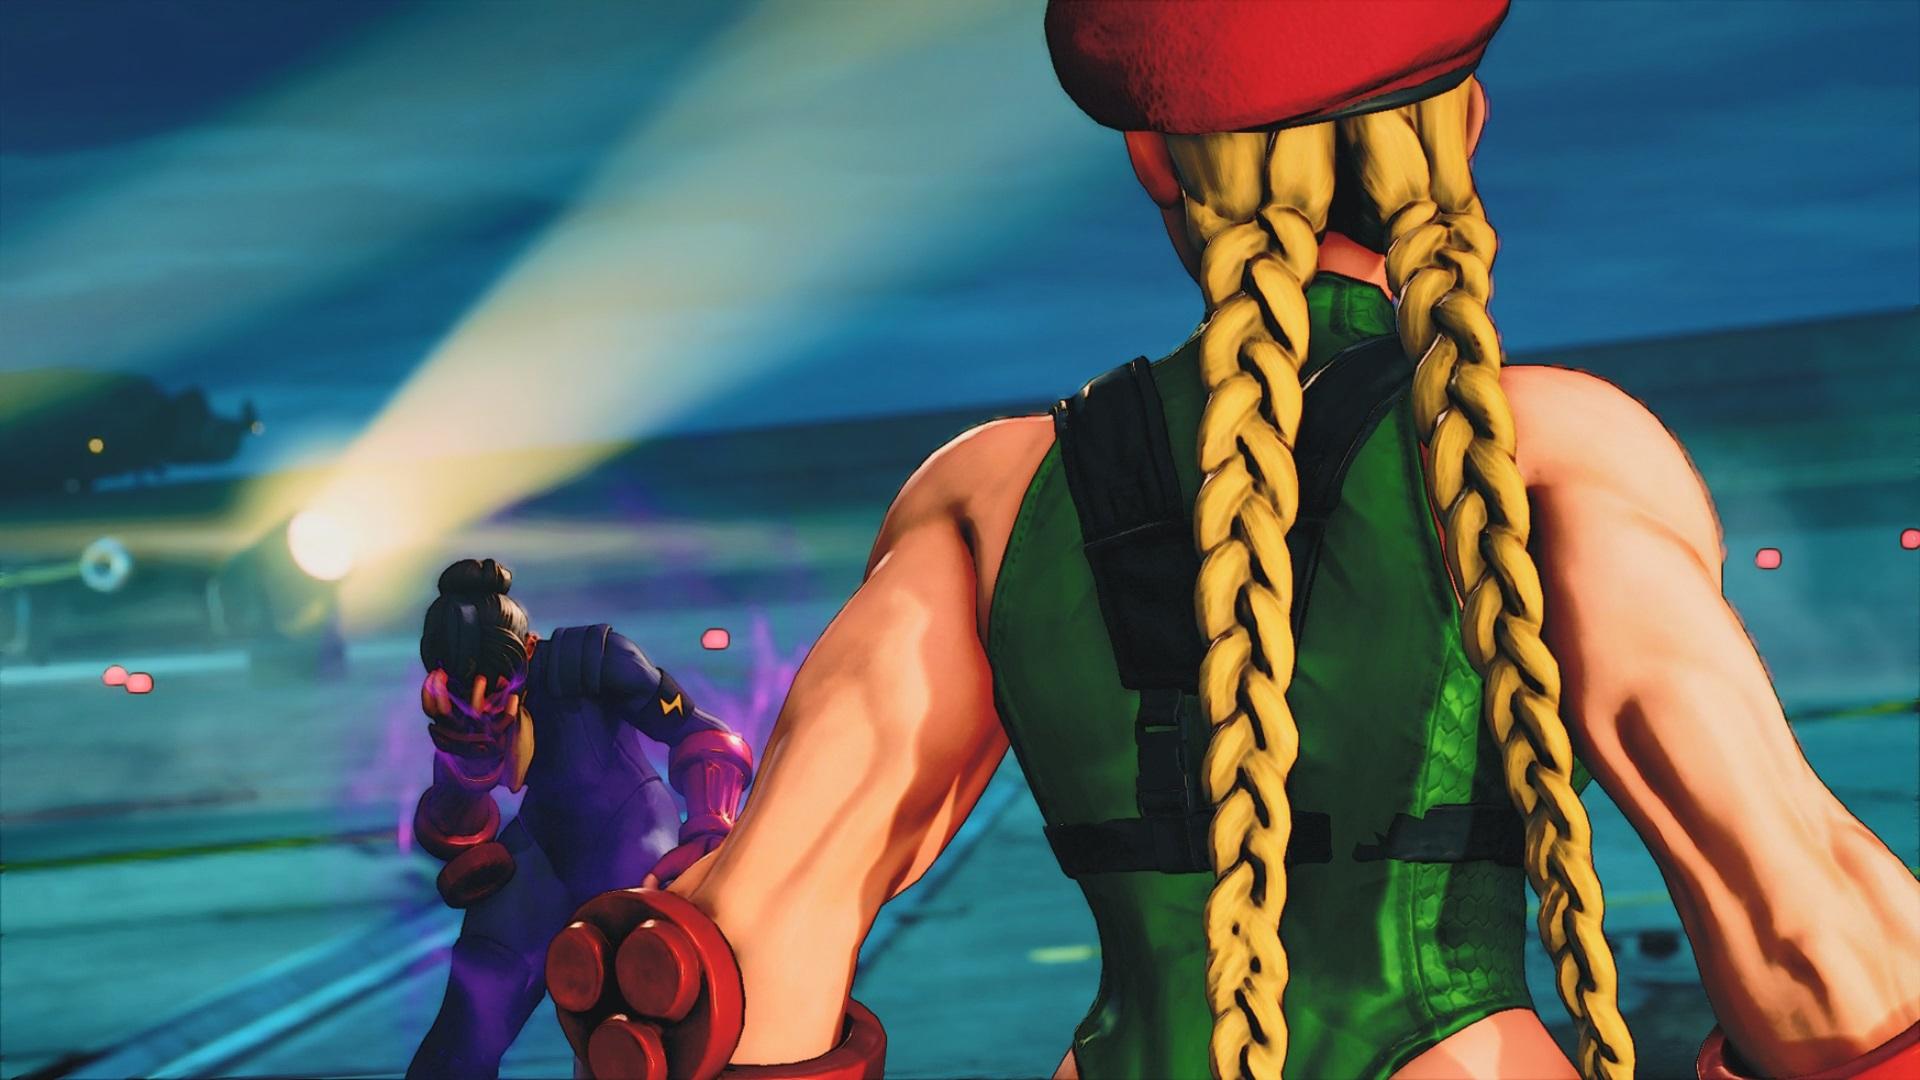 Cammy vs Juli Cammy Street Fighter